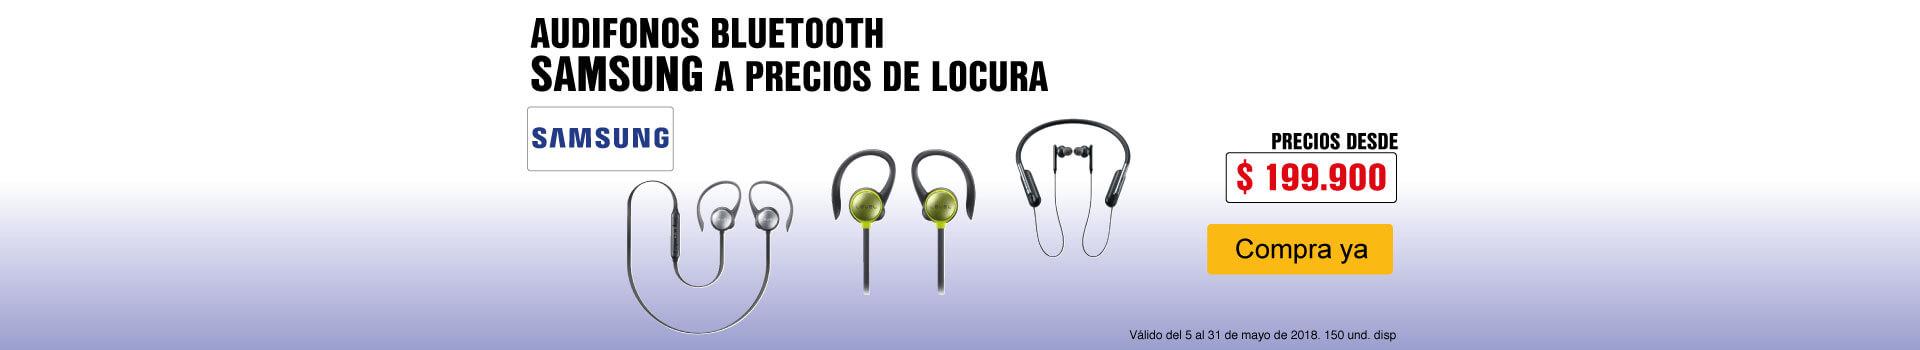 AK-KT-BCAT-8-accesorios-PP---Samsung-audifonos-May16